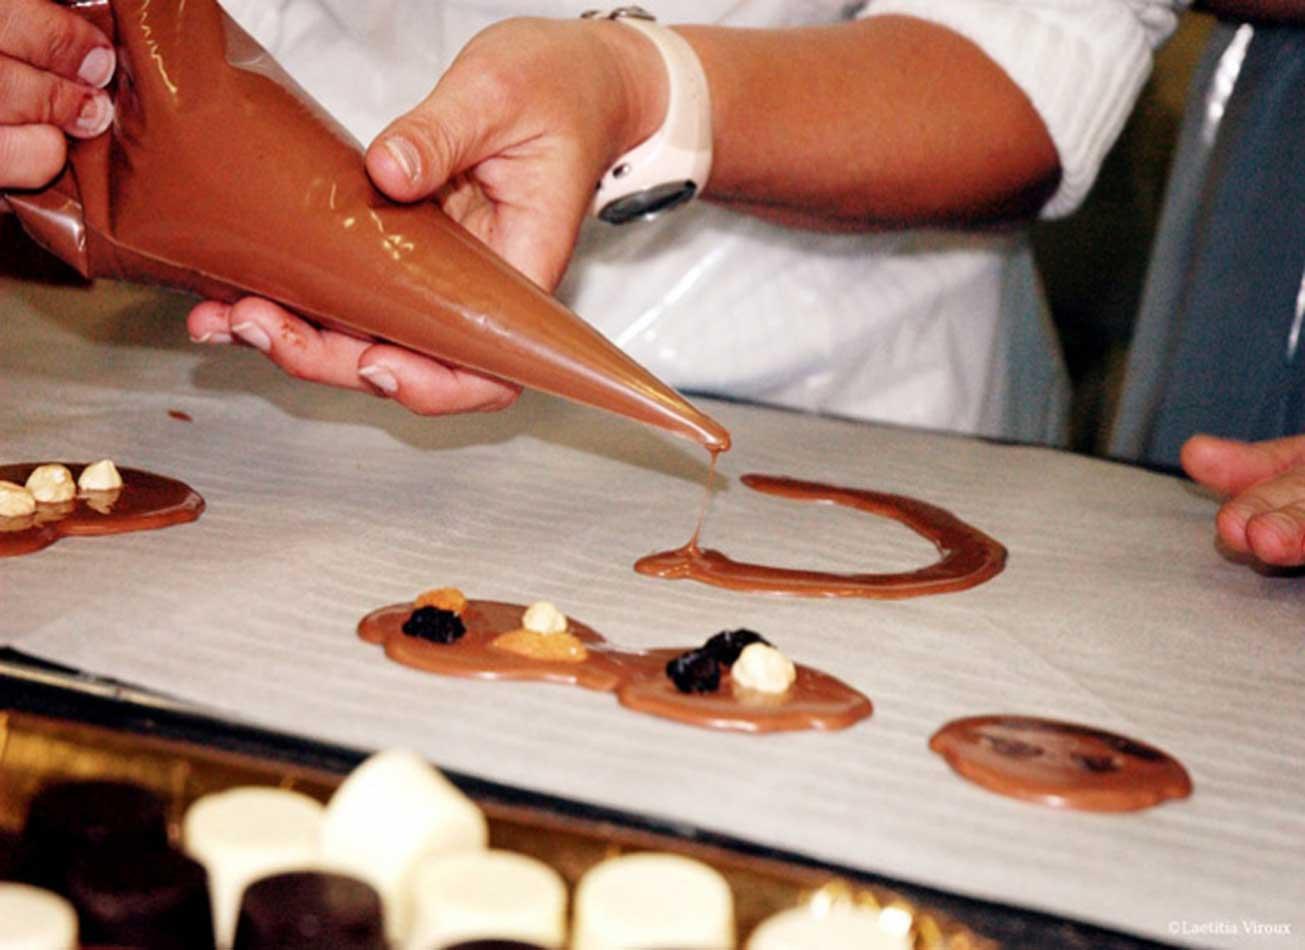 Vimigo Bruxelles Atelier chocolat